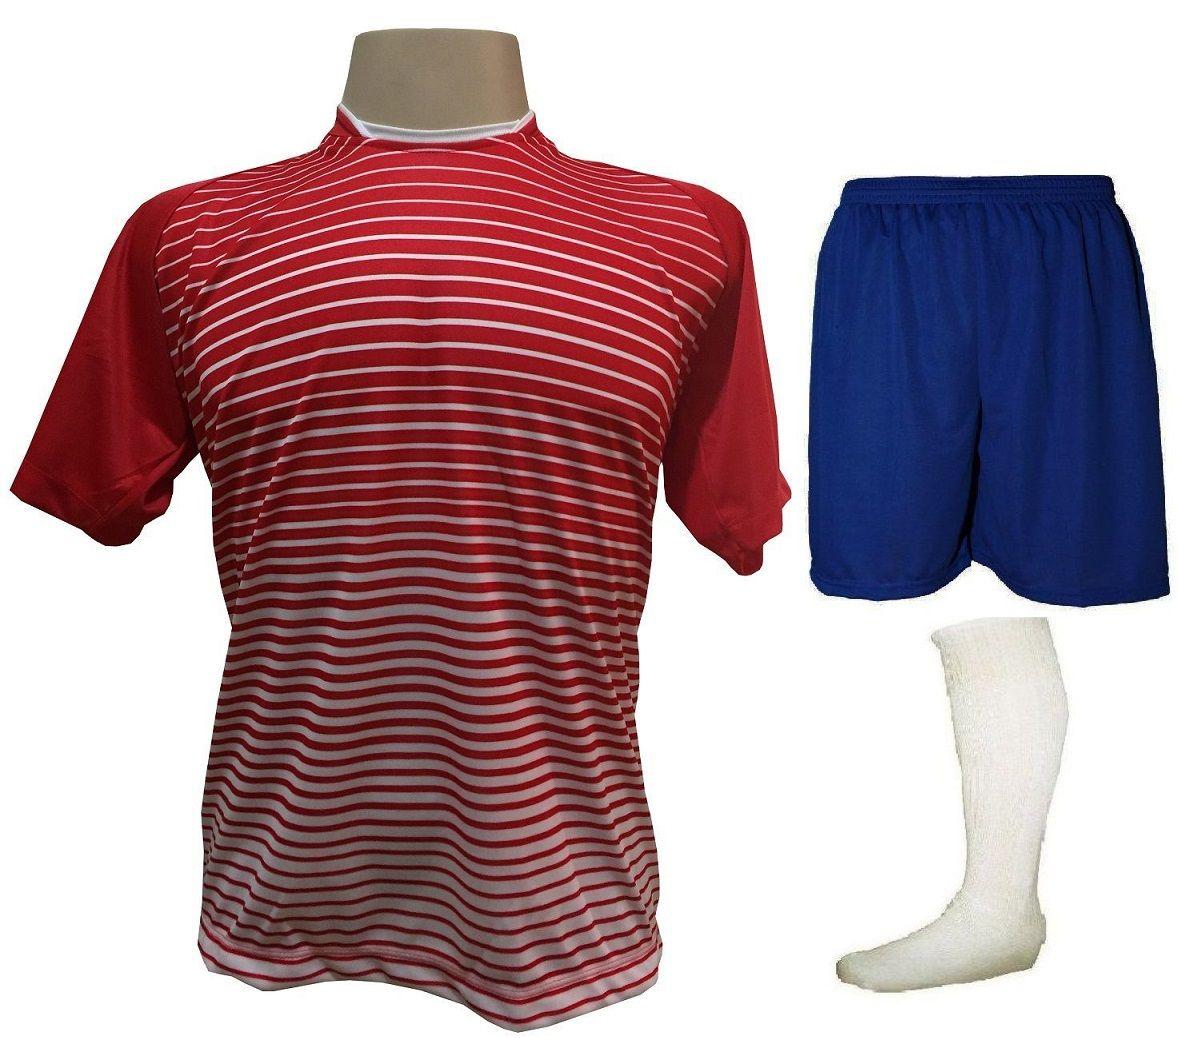 Uniforme Esportivo com 18 camisas modelo City Vermelho/Branco + 18 calções modelo Madrid Royal + 18 pares de meiões Branco